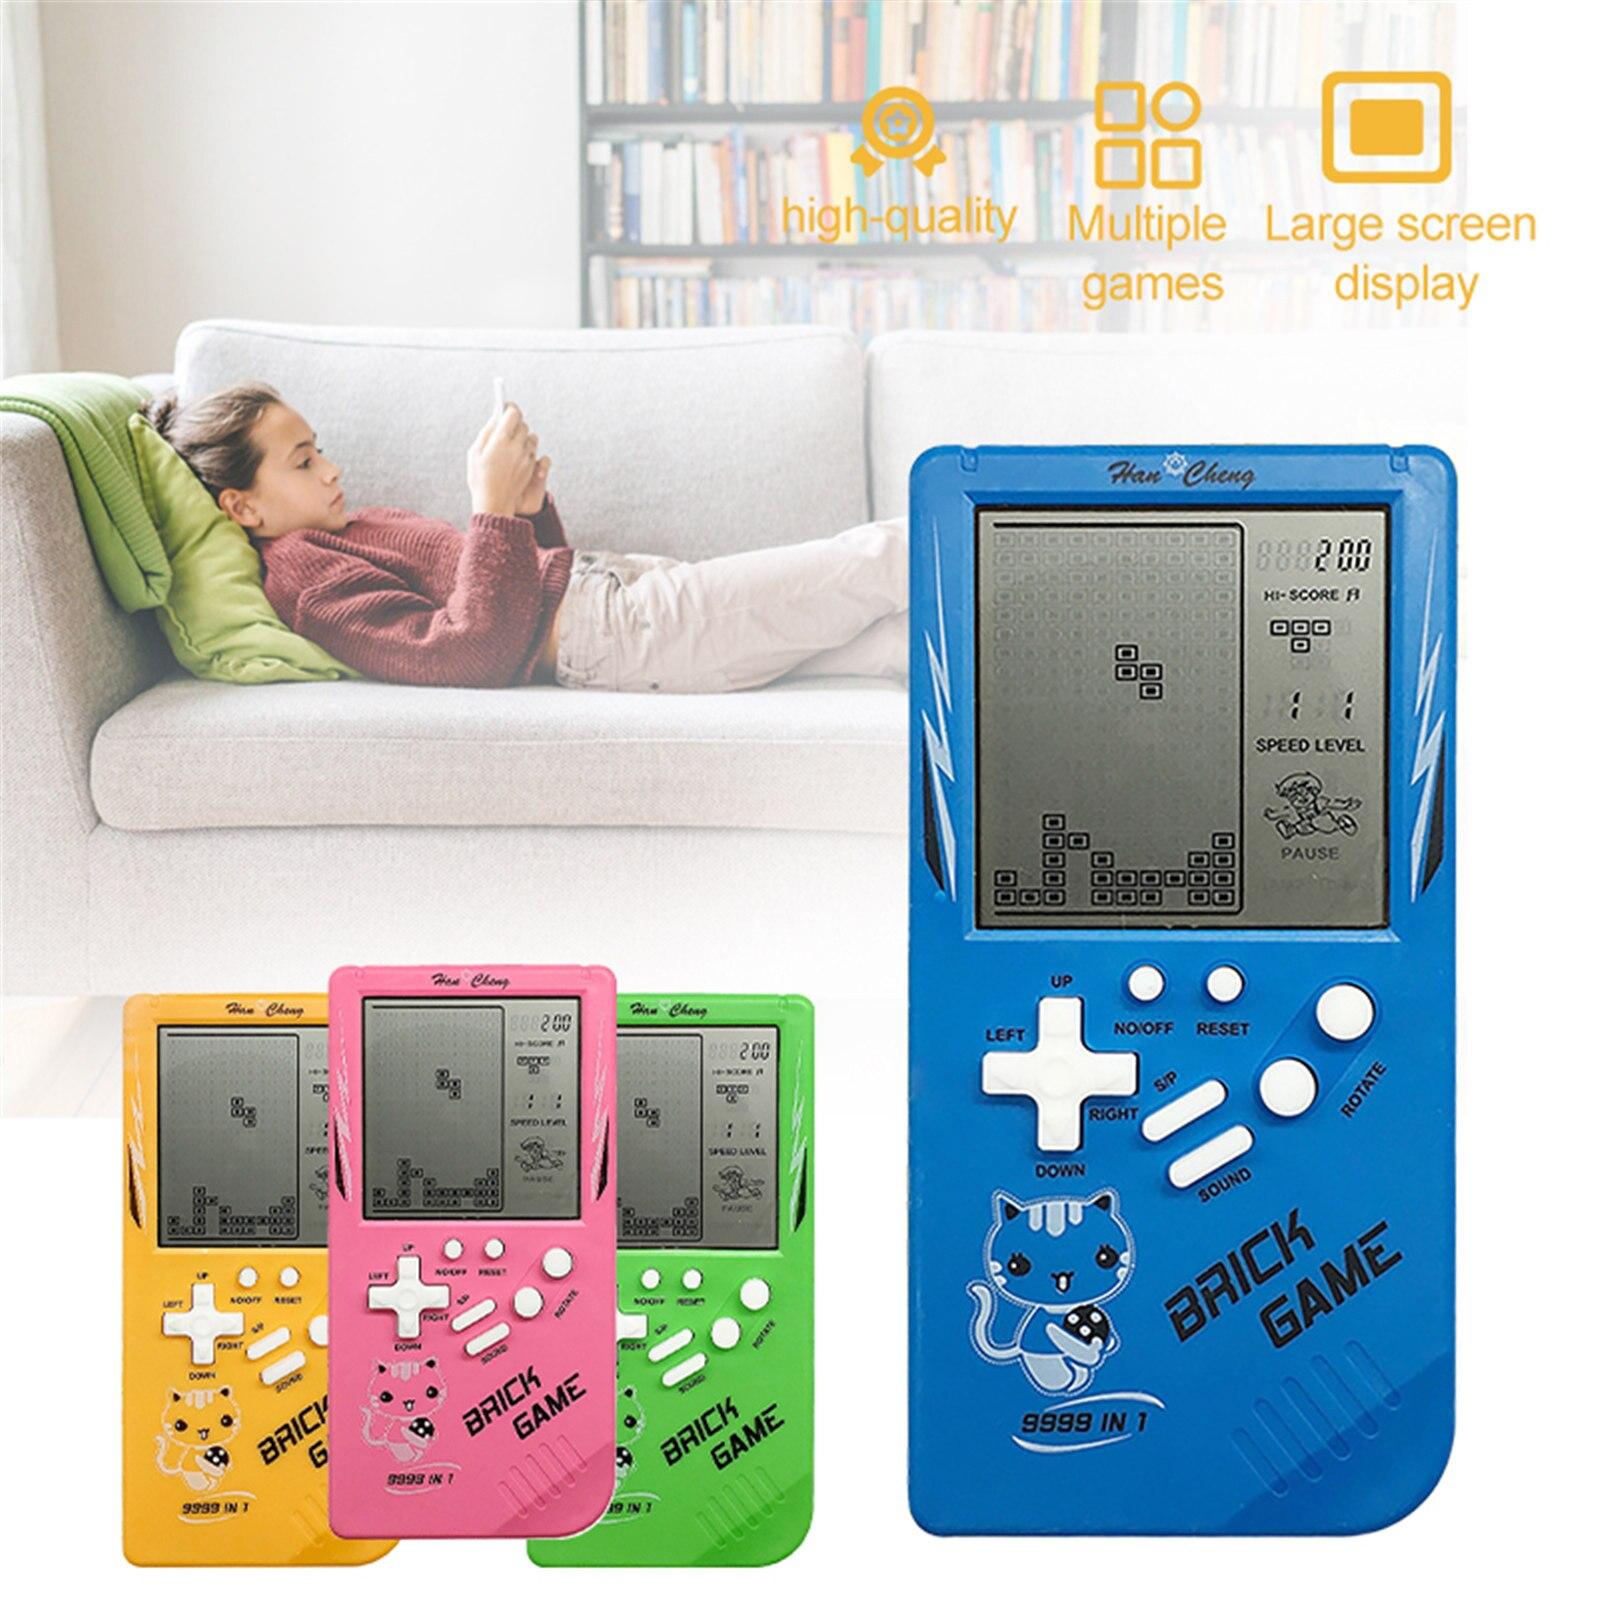 3,5 дюймовый Классический Портативный игровой автомат, игра тетрис, Детская игровая консоль, игрушка с воспроизведением музыки, ретро детски...